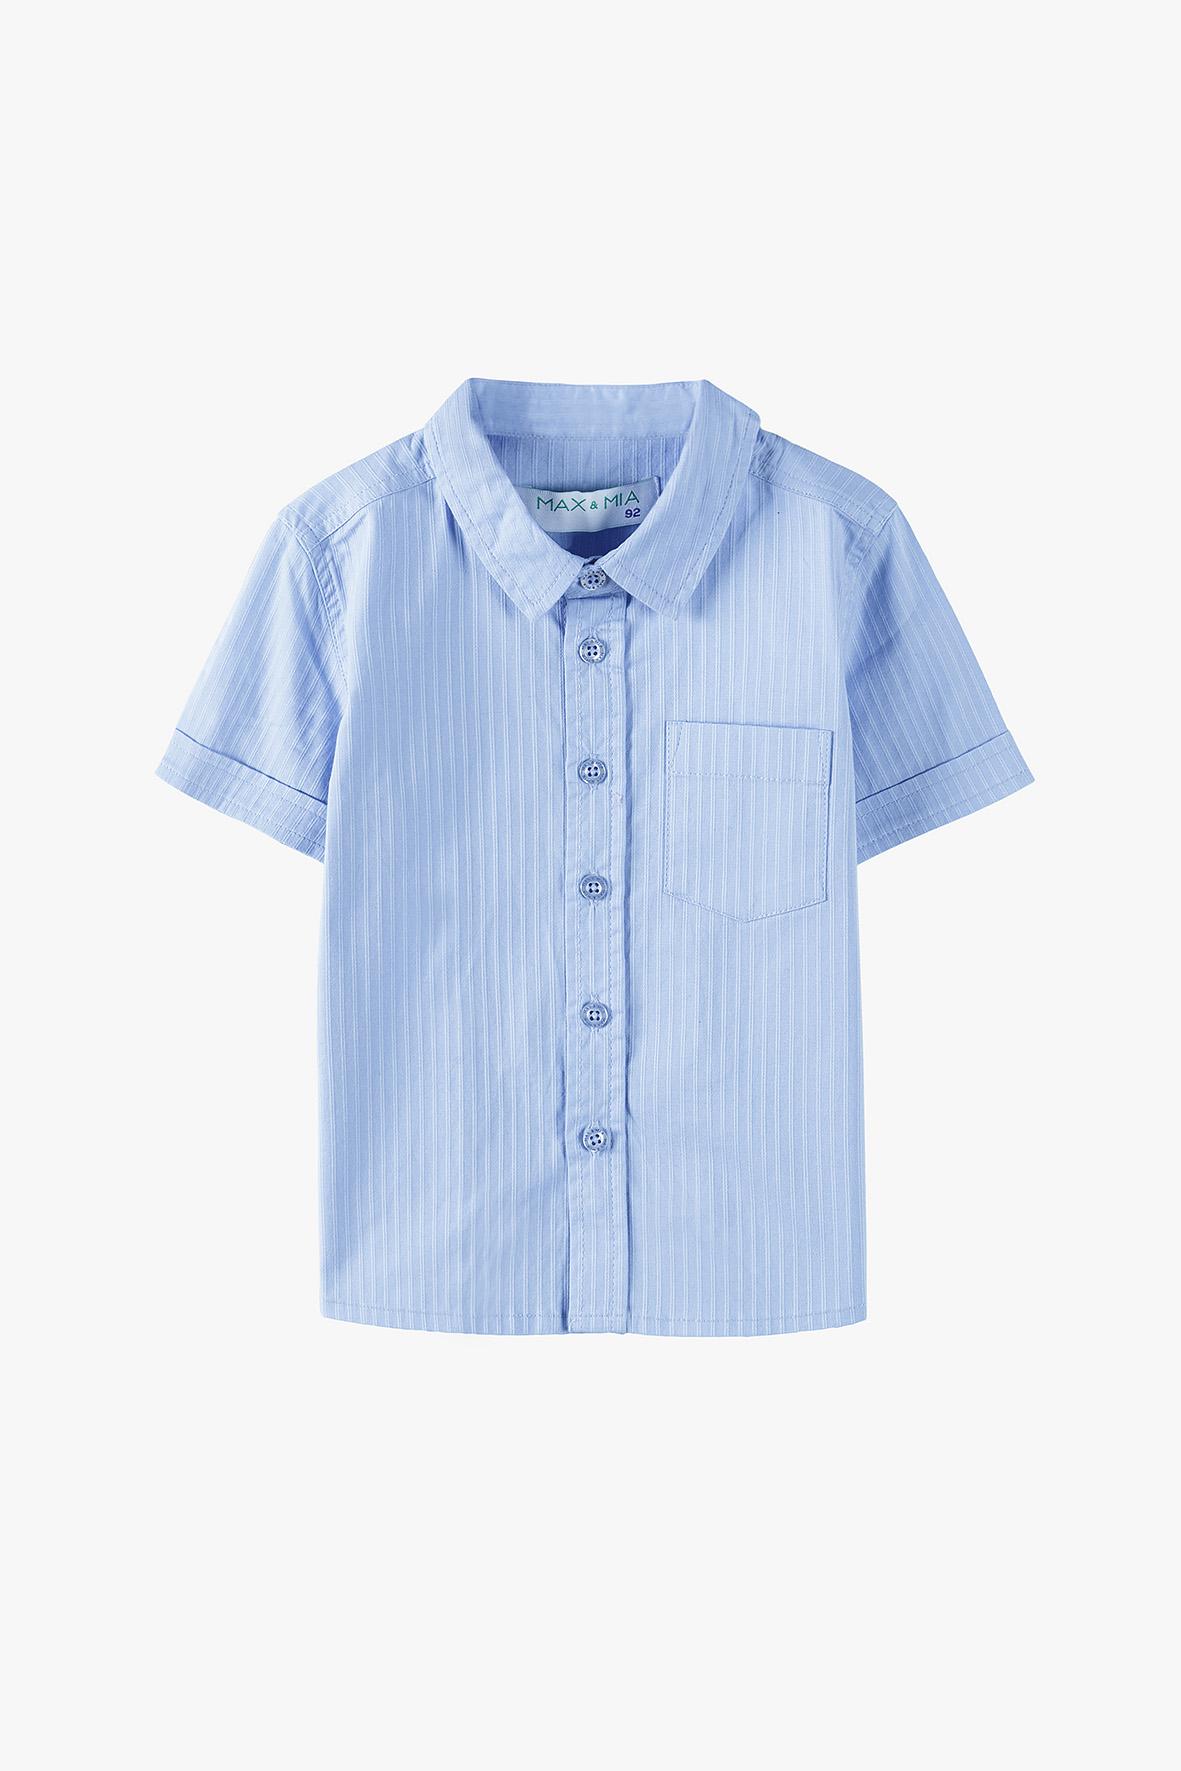 Koszula chłopięca niebieska 1J4002